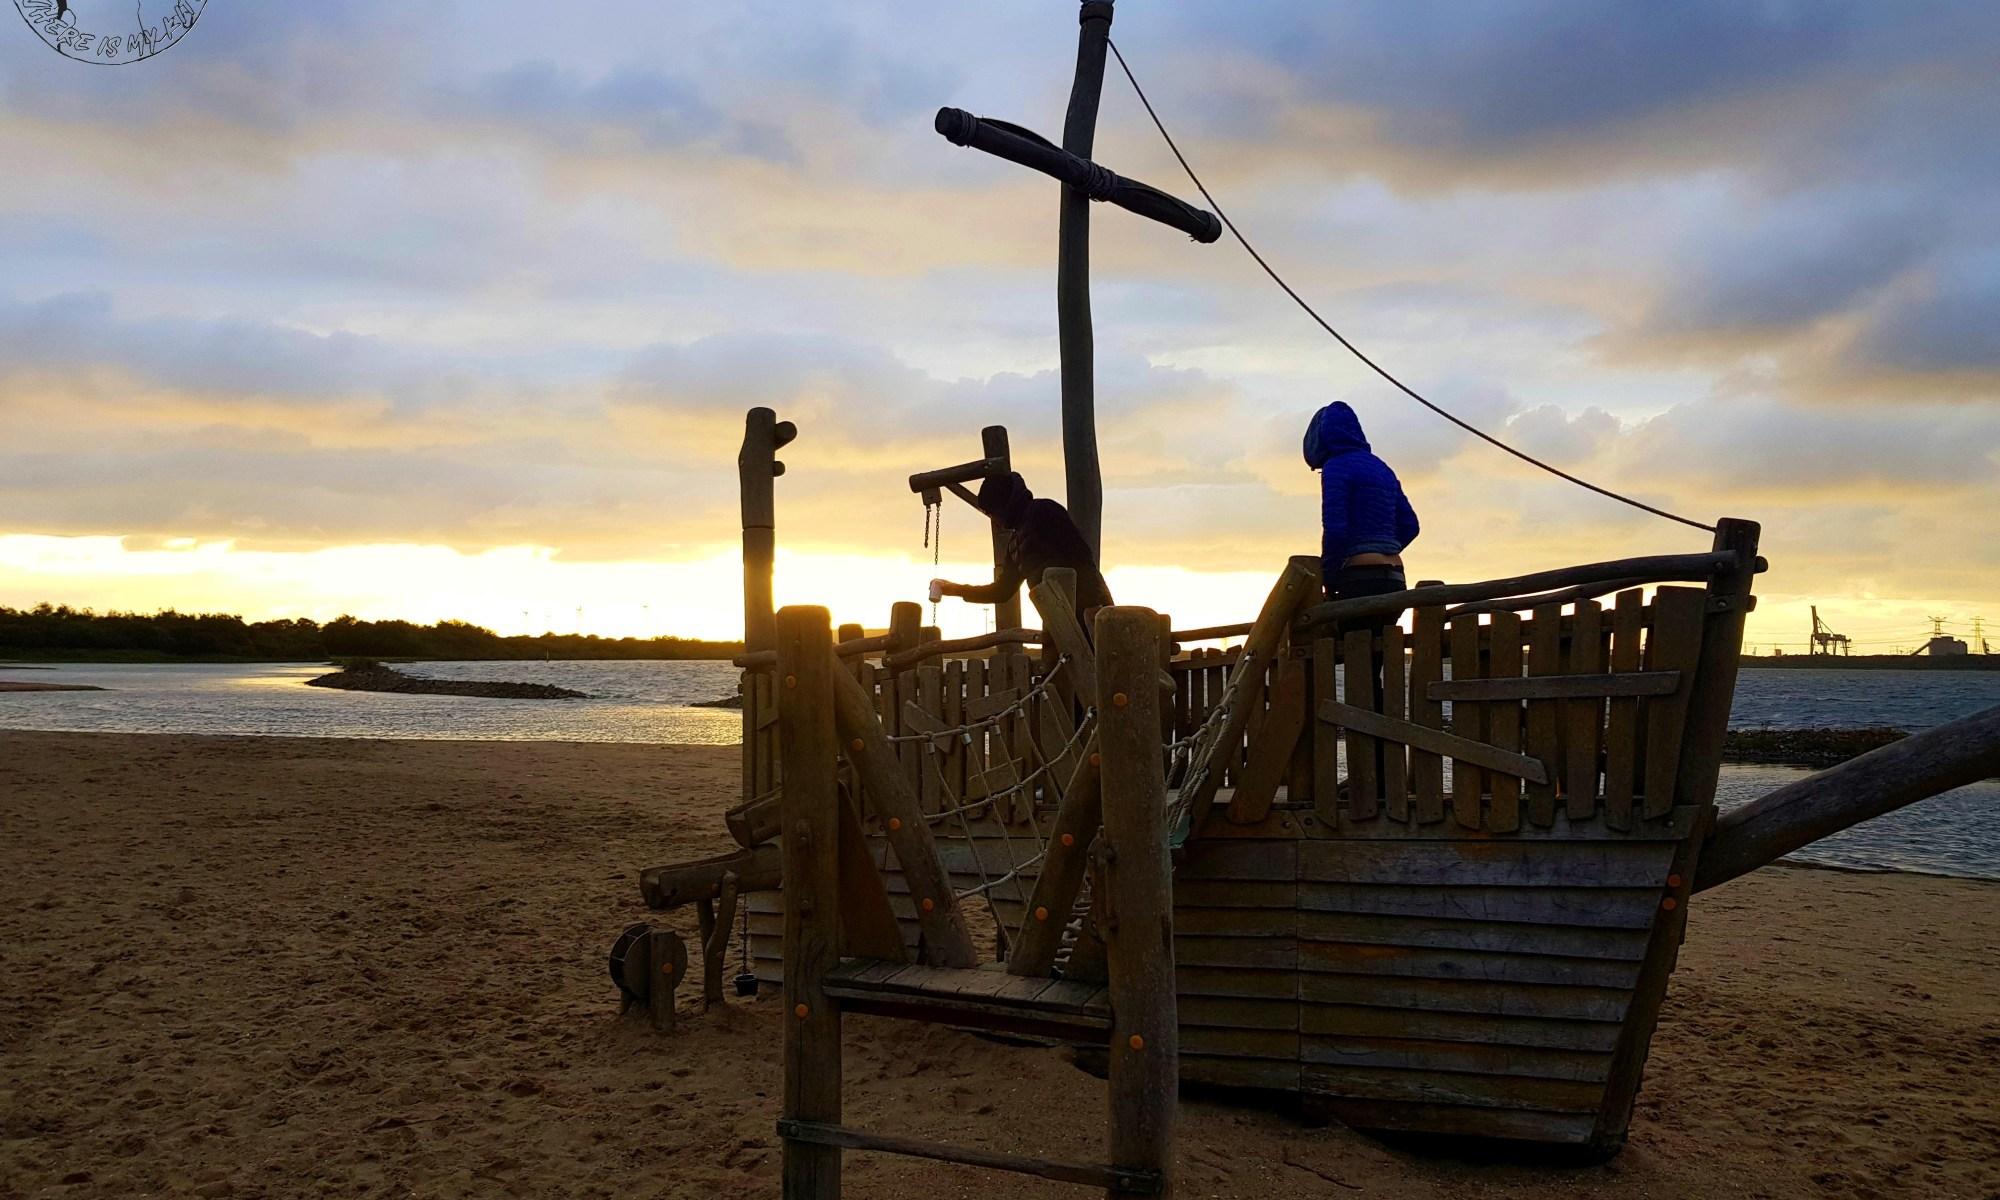 Spot de kitesurf en Hollande, Ostvoorne, kite trip en van, spot de camping bateau pirate à côté du lac